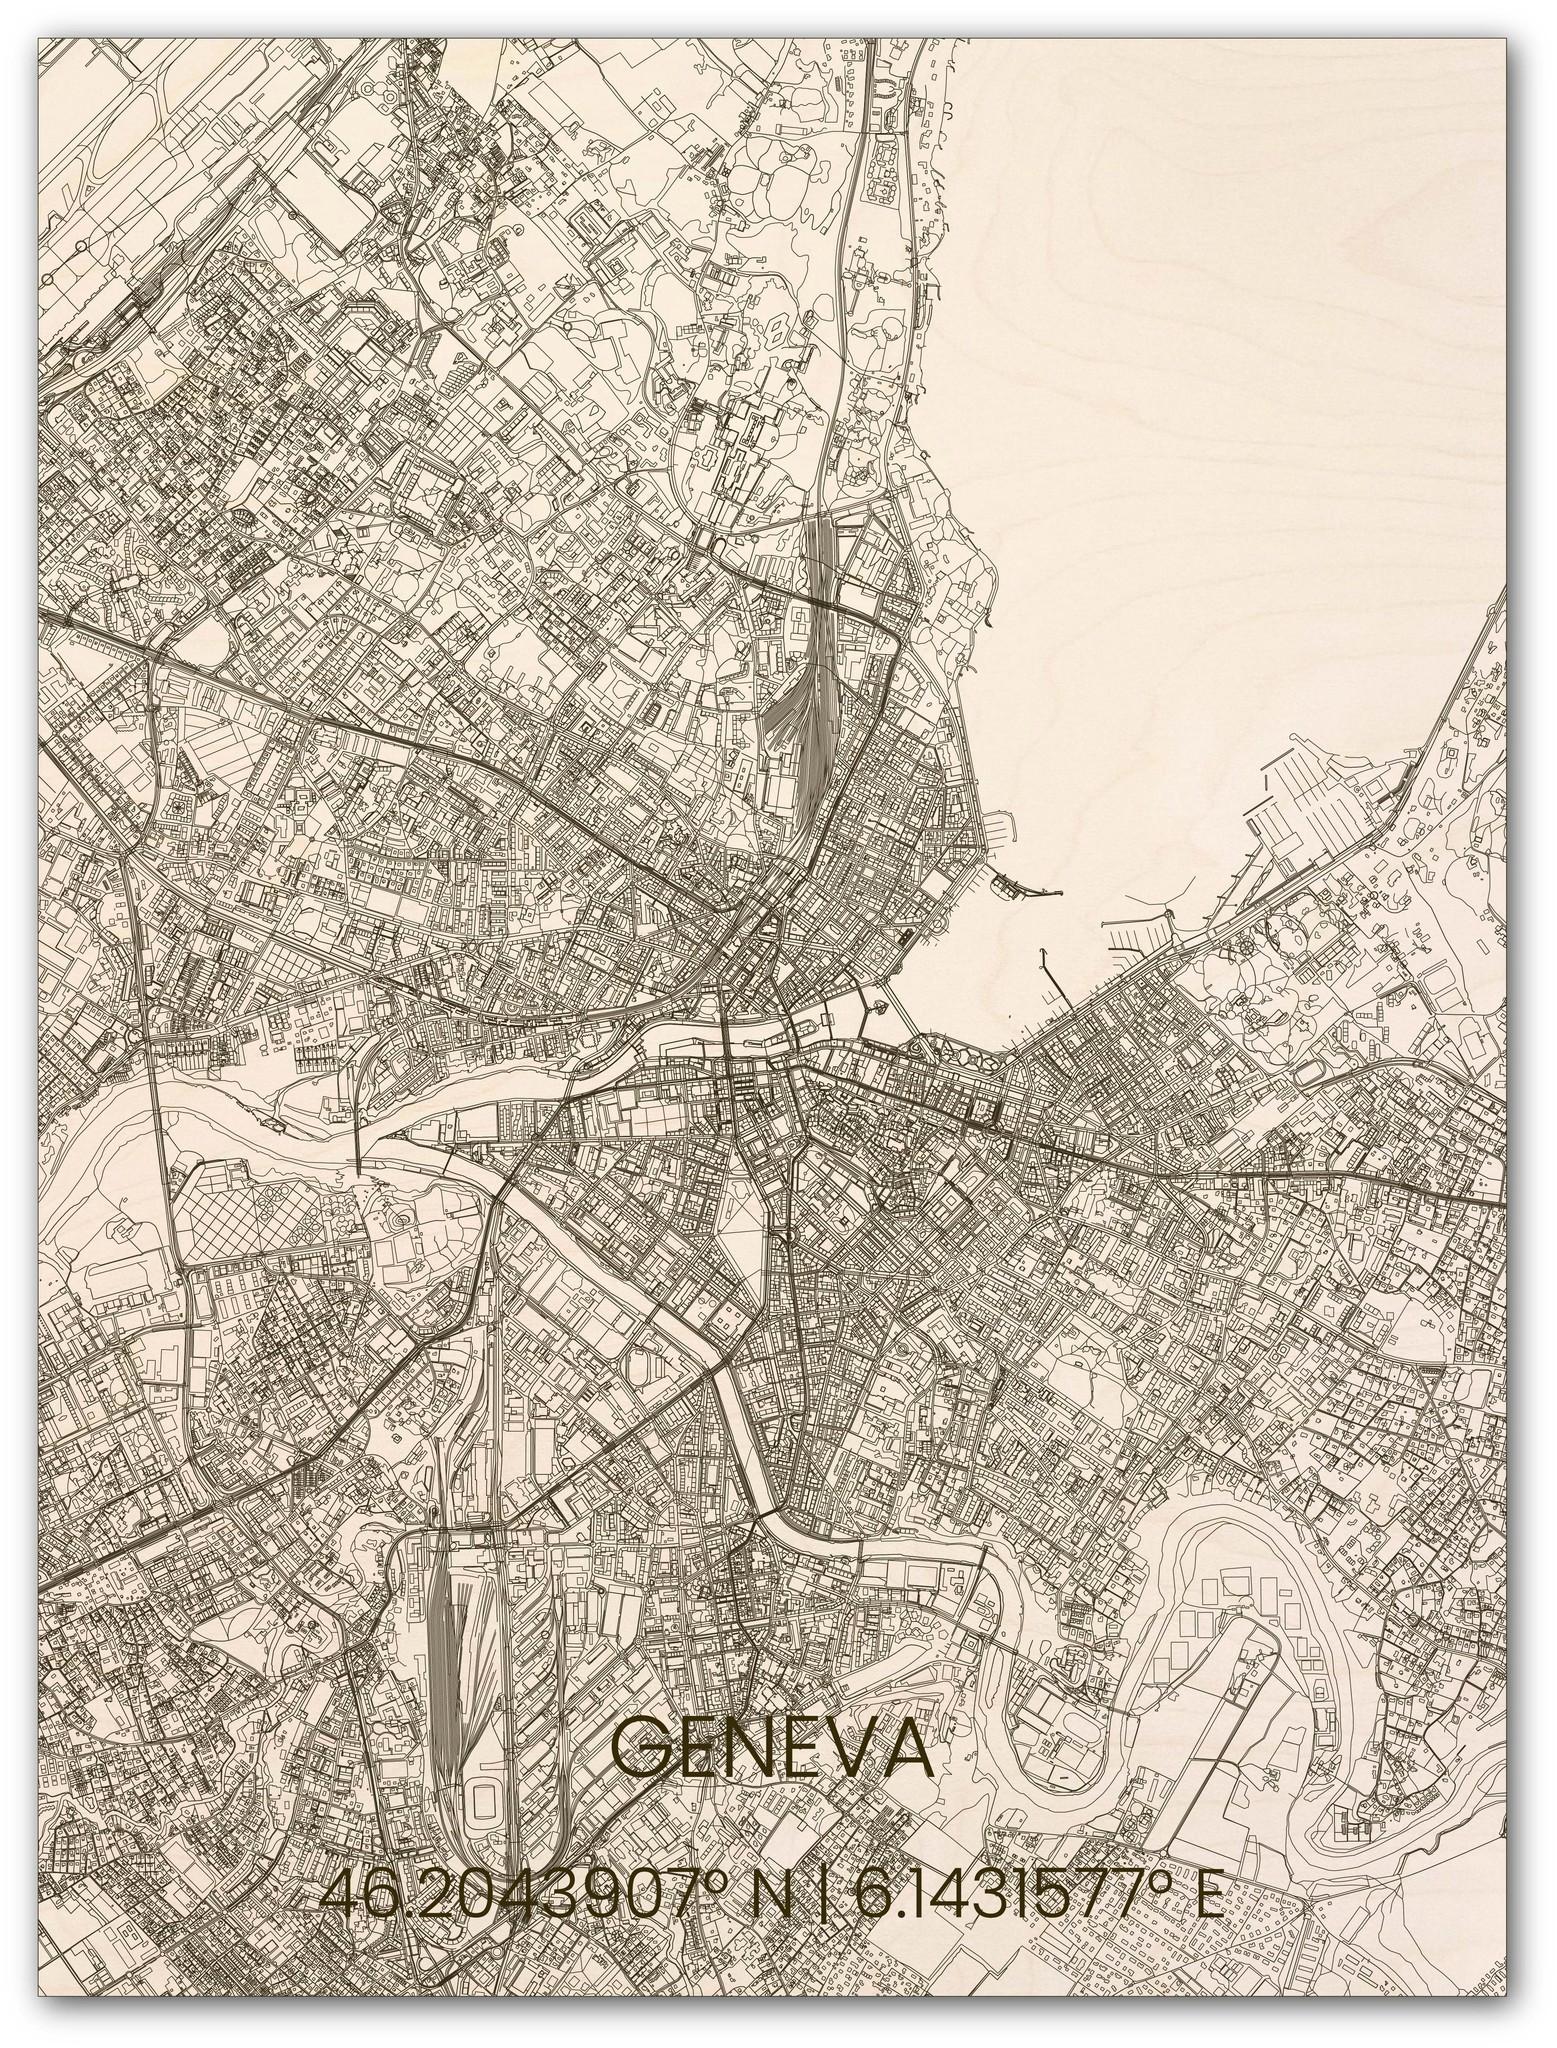 Houten stadsplattegrond Genève-1